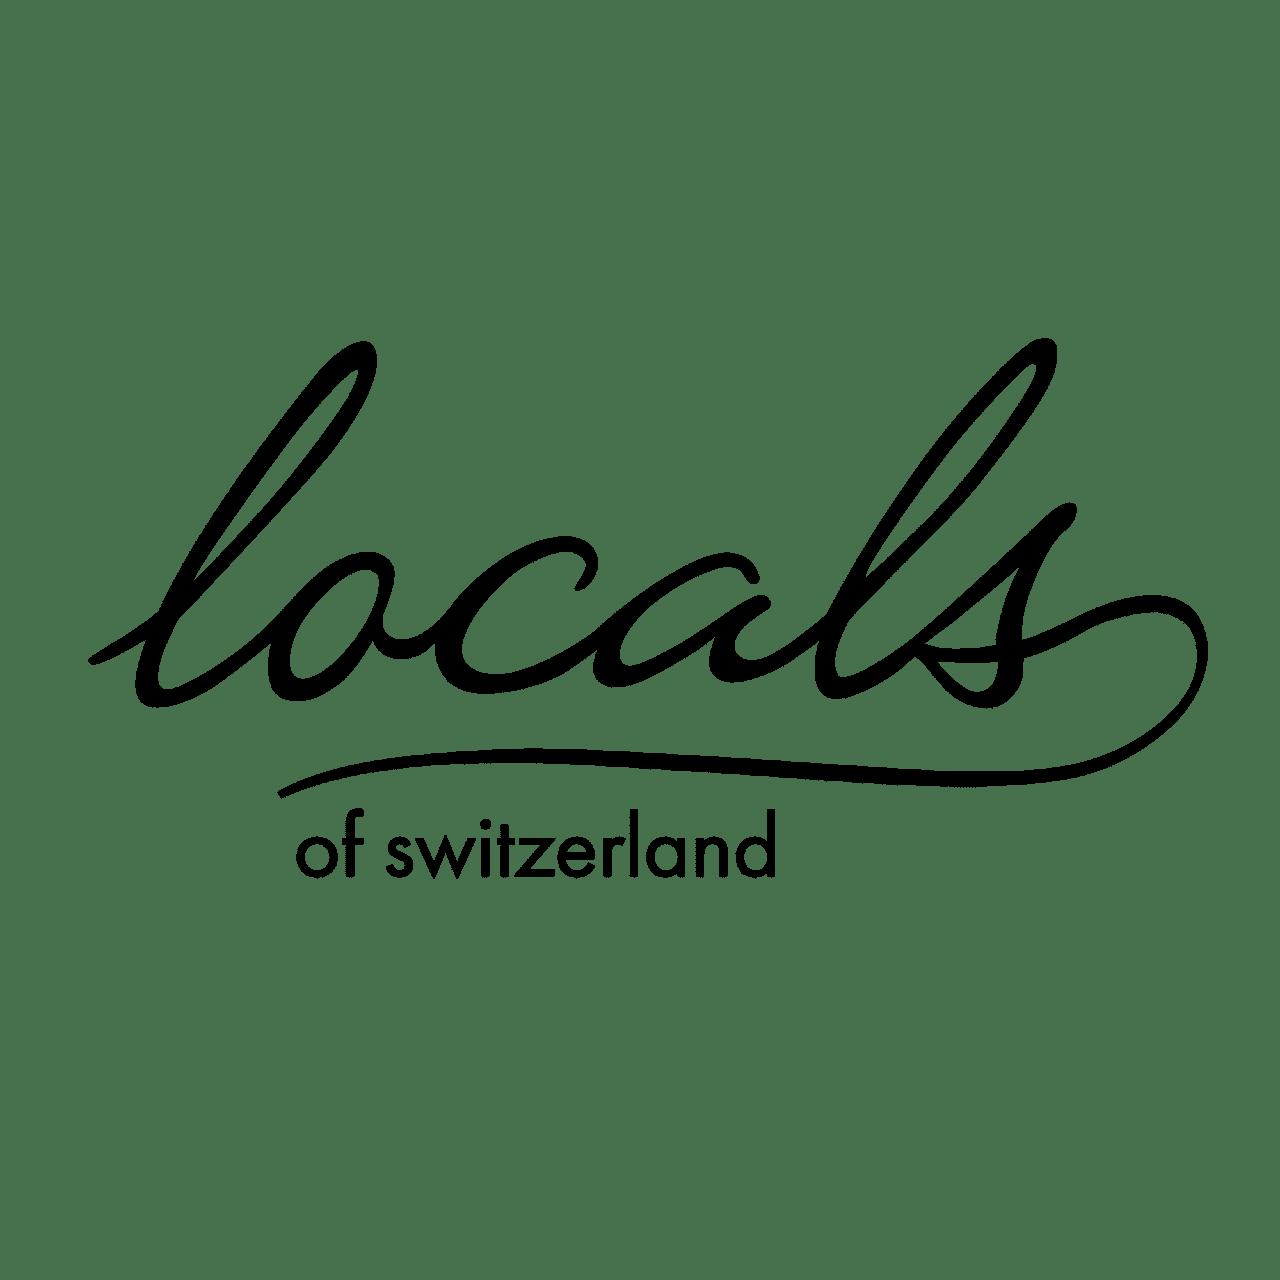 Logo Locals od Switzerland